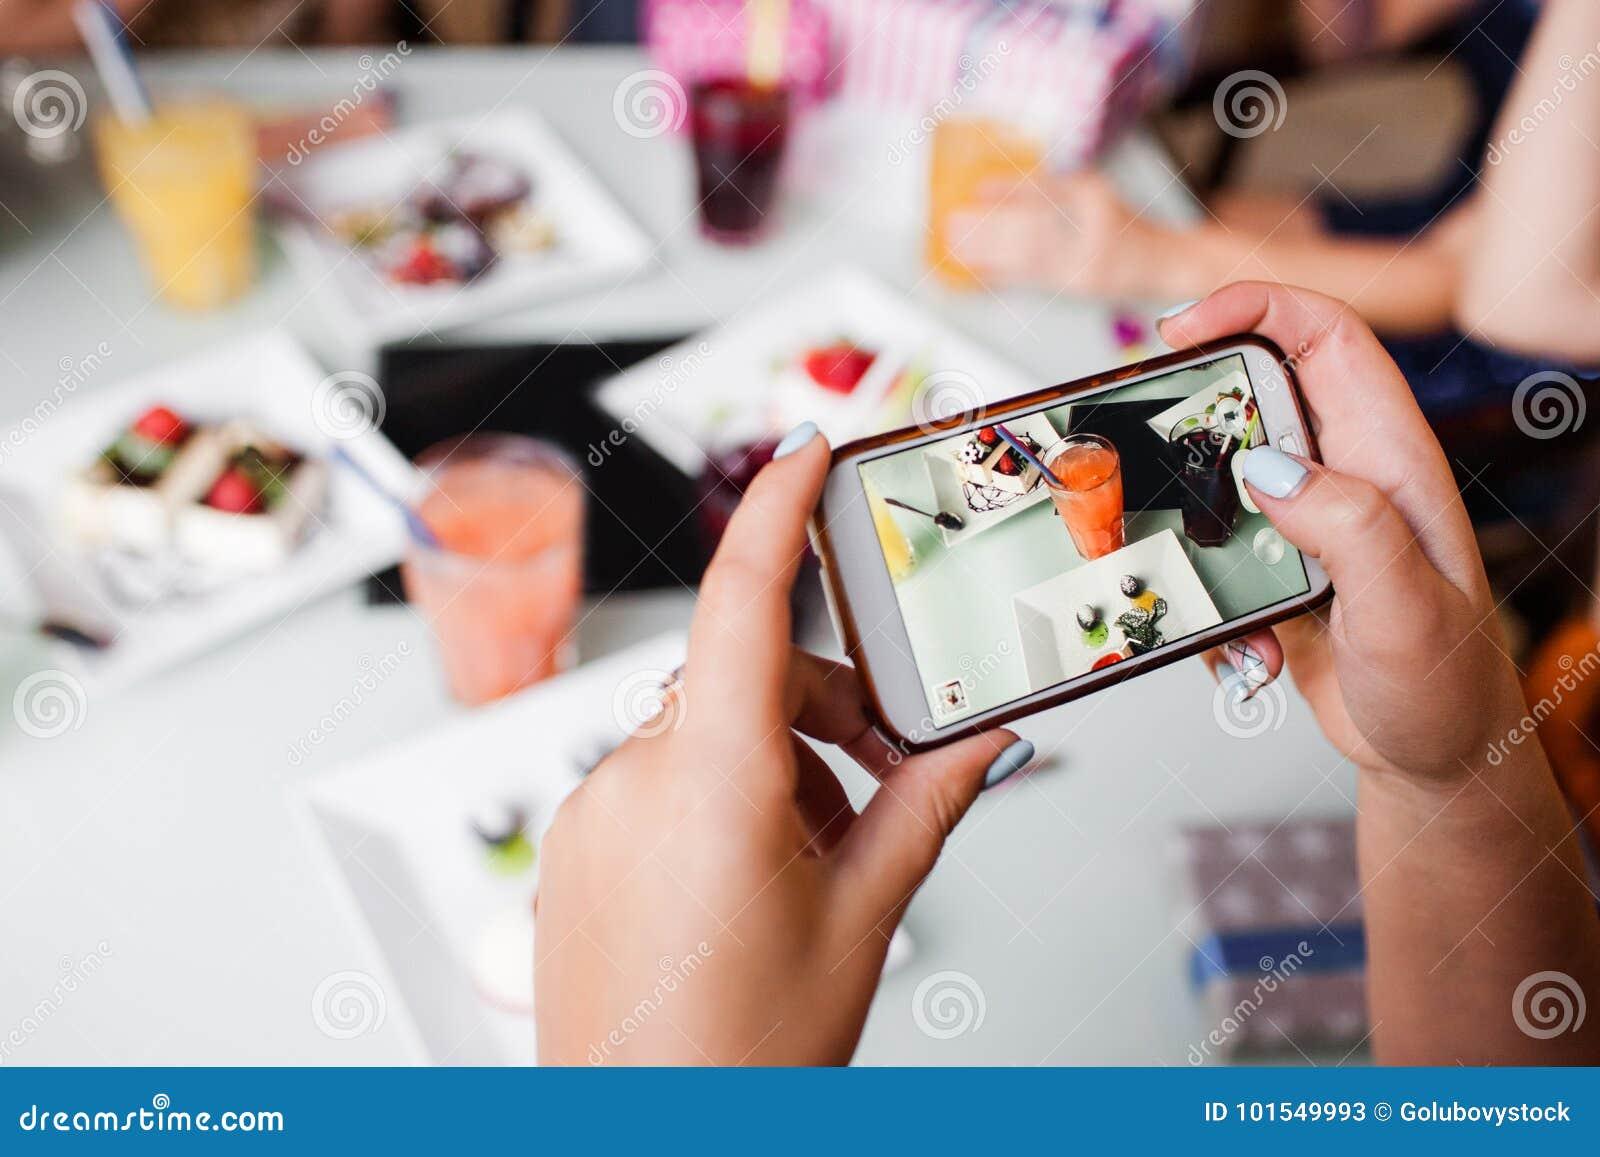 Εικόνα τροφίμων για τα κοινωνικά μέσα τρόπος ζωής σύγχρονος